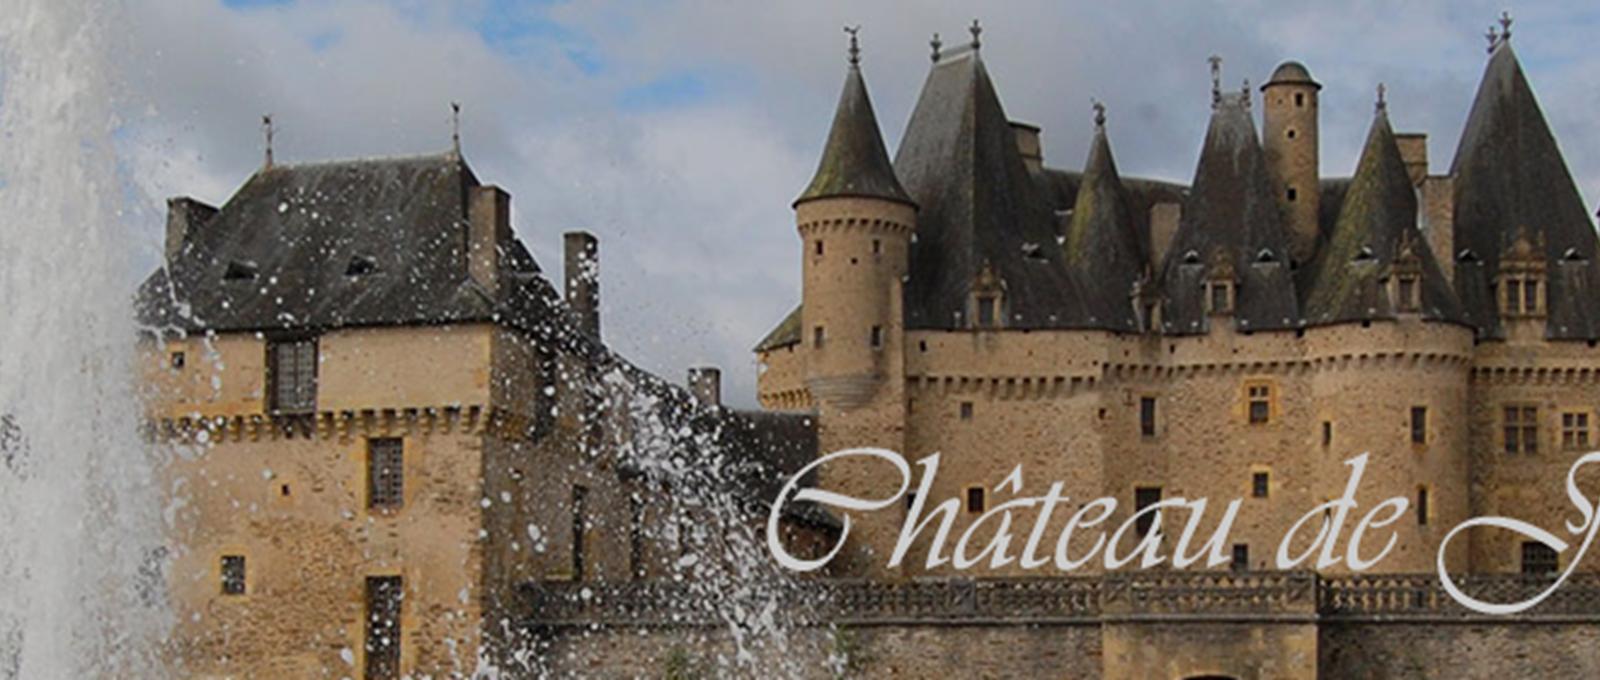 chateau jumilhac pv